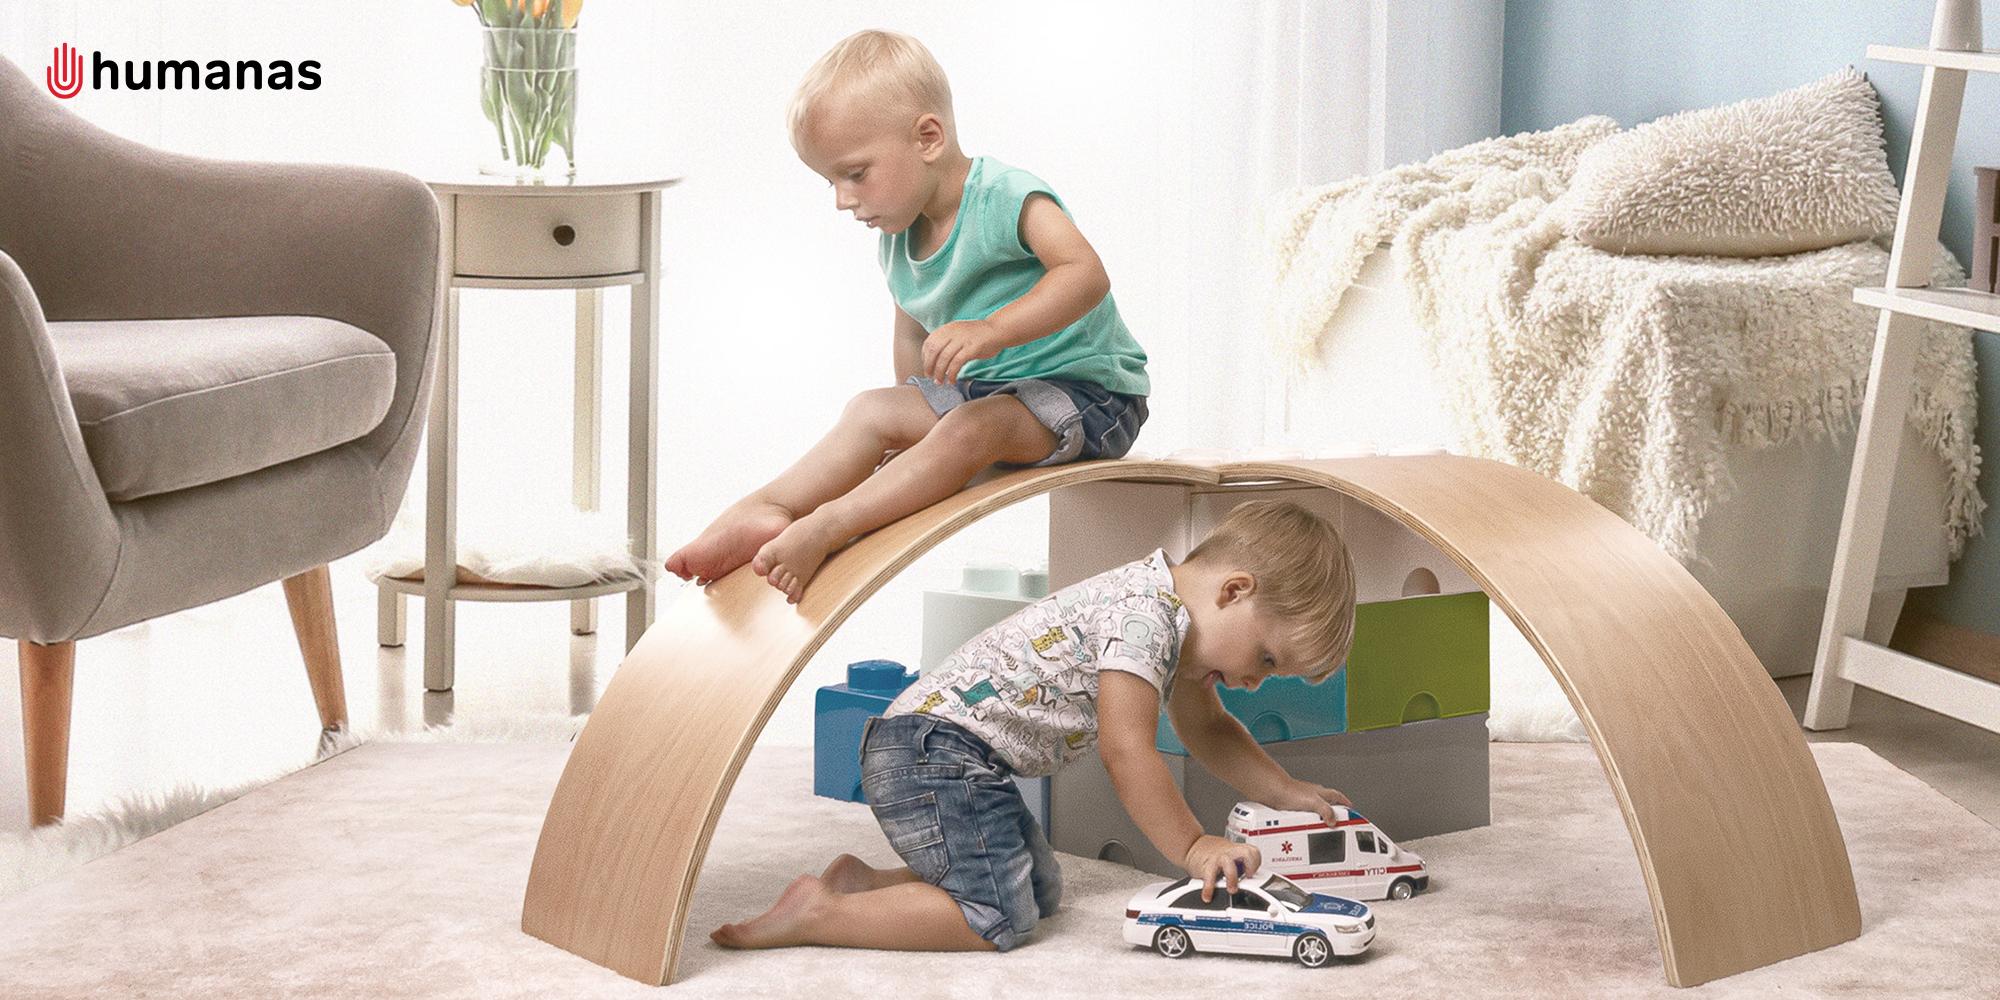 Dwóch małych chłopców bawi się deską do balansowania Humanas BoardOne w dużym pokoju z meblami